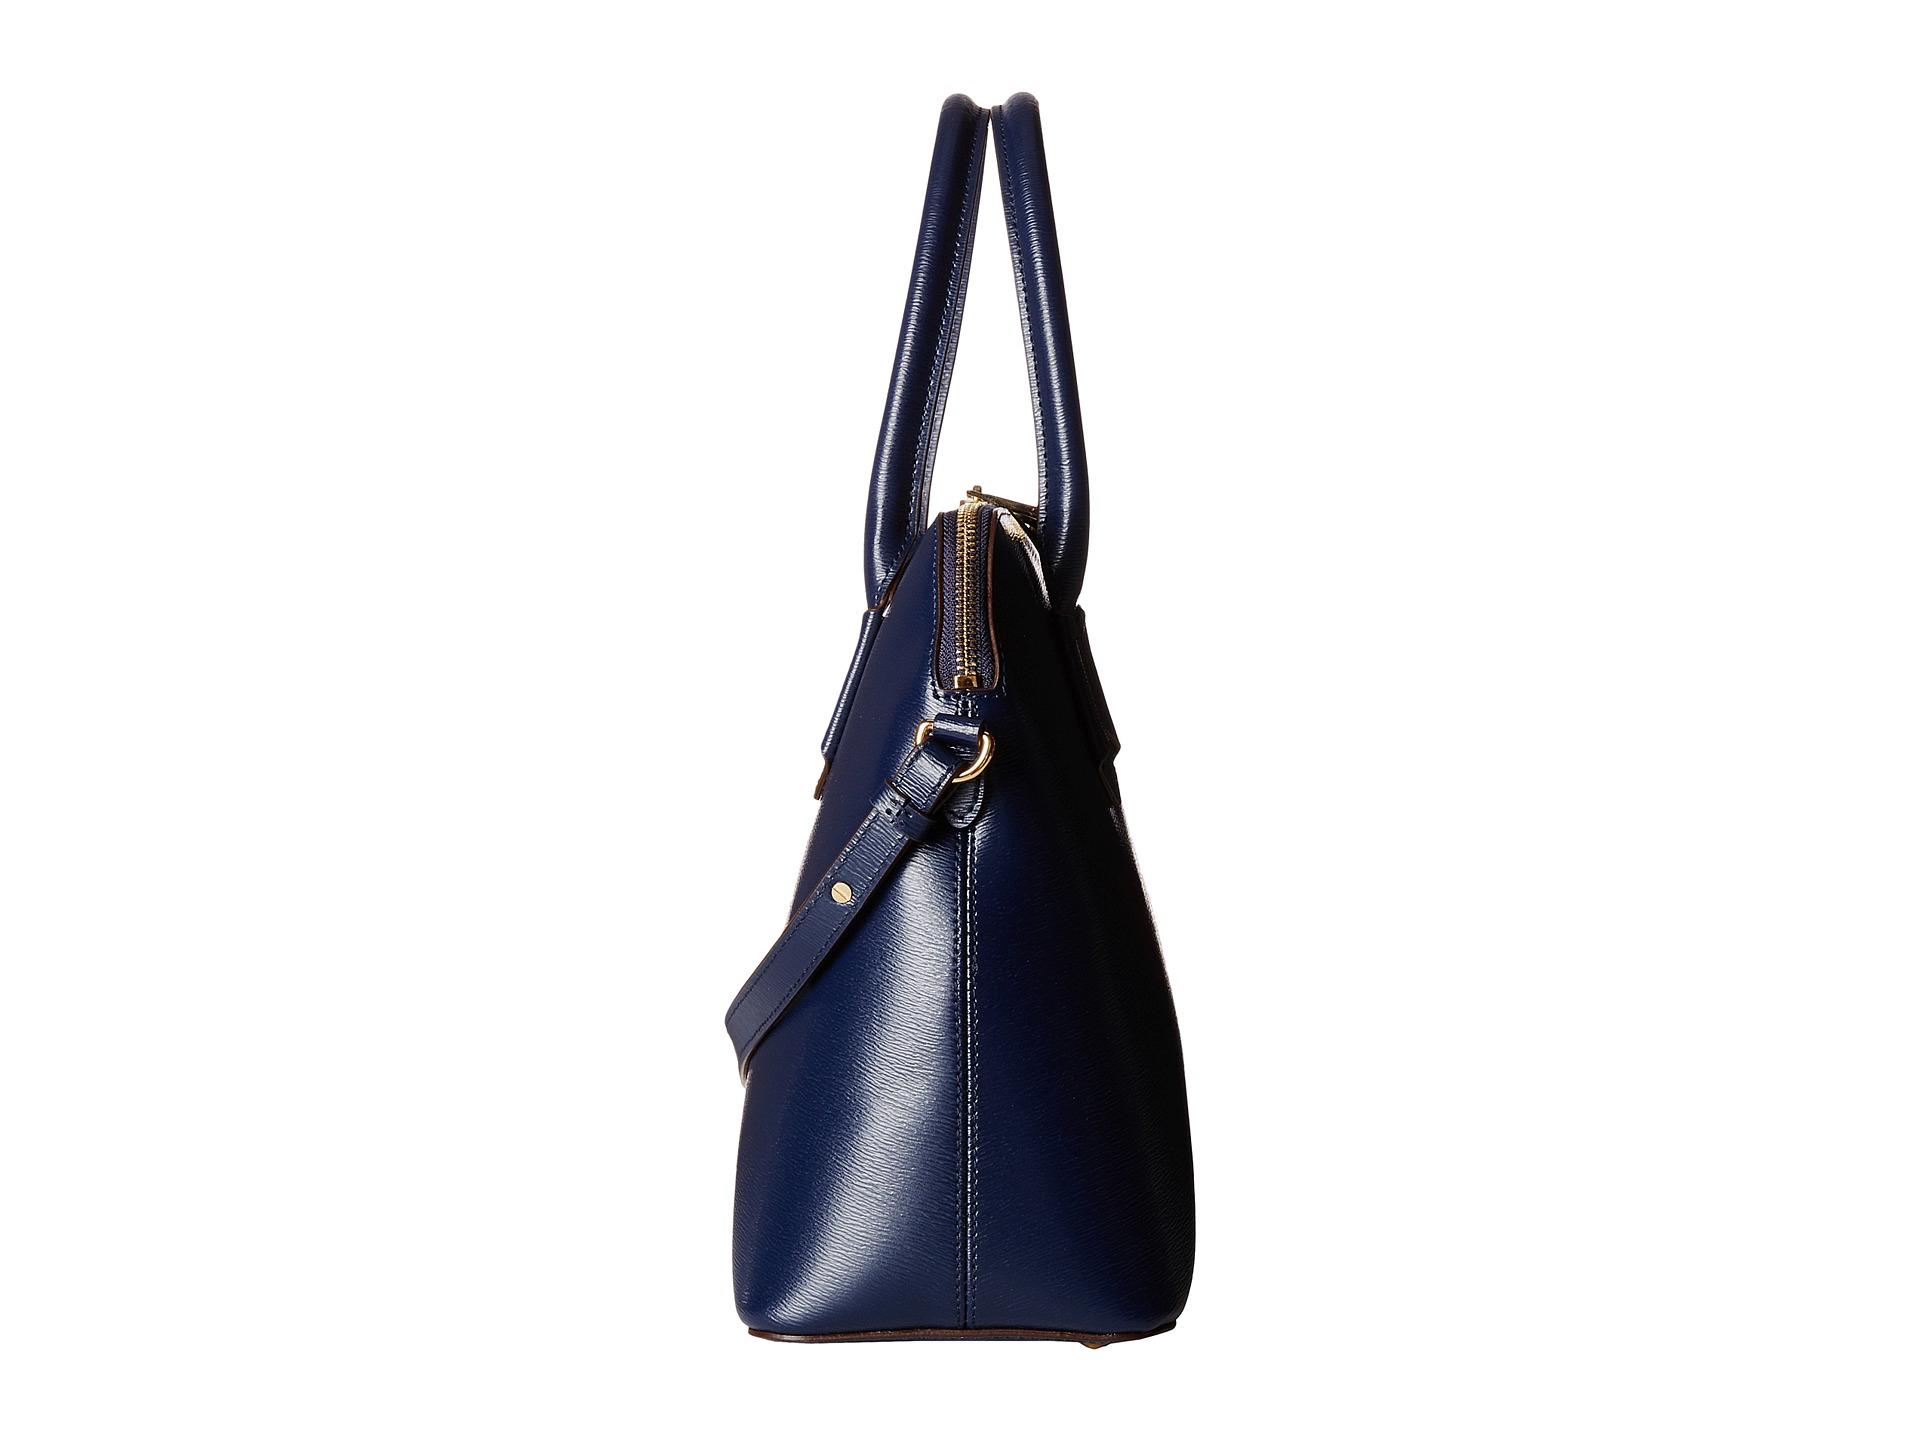 3aee93c9ea Lyst - Lauren by Ralph Lauren Tate Dome Satchel in Blue